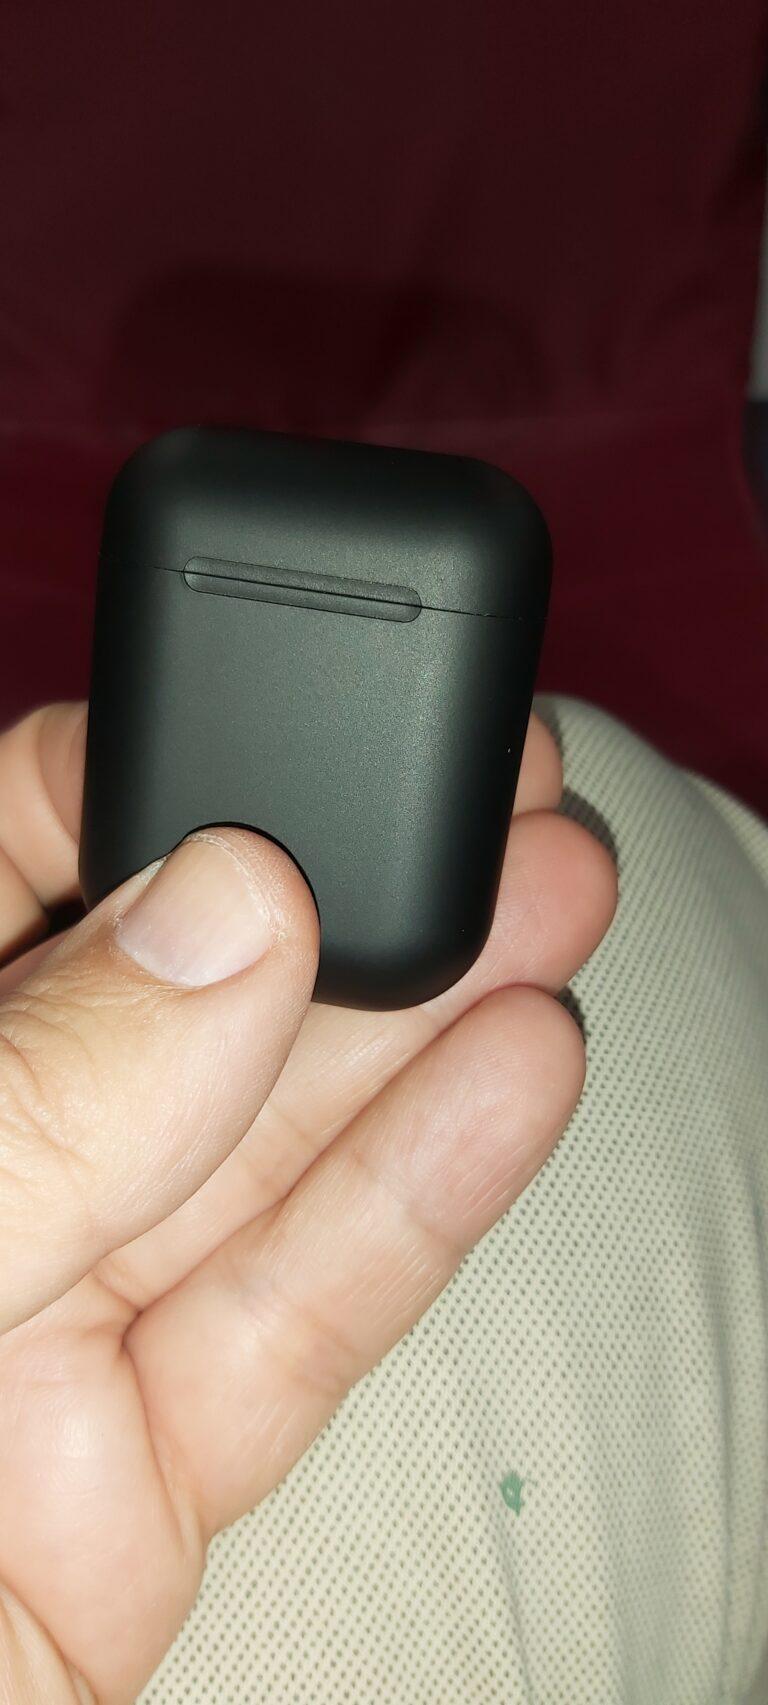 Le nuovissime BLUETOOTH CUFFIE PODSI12 senza filo photo review